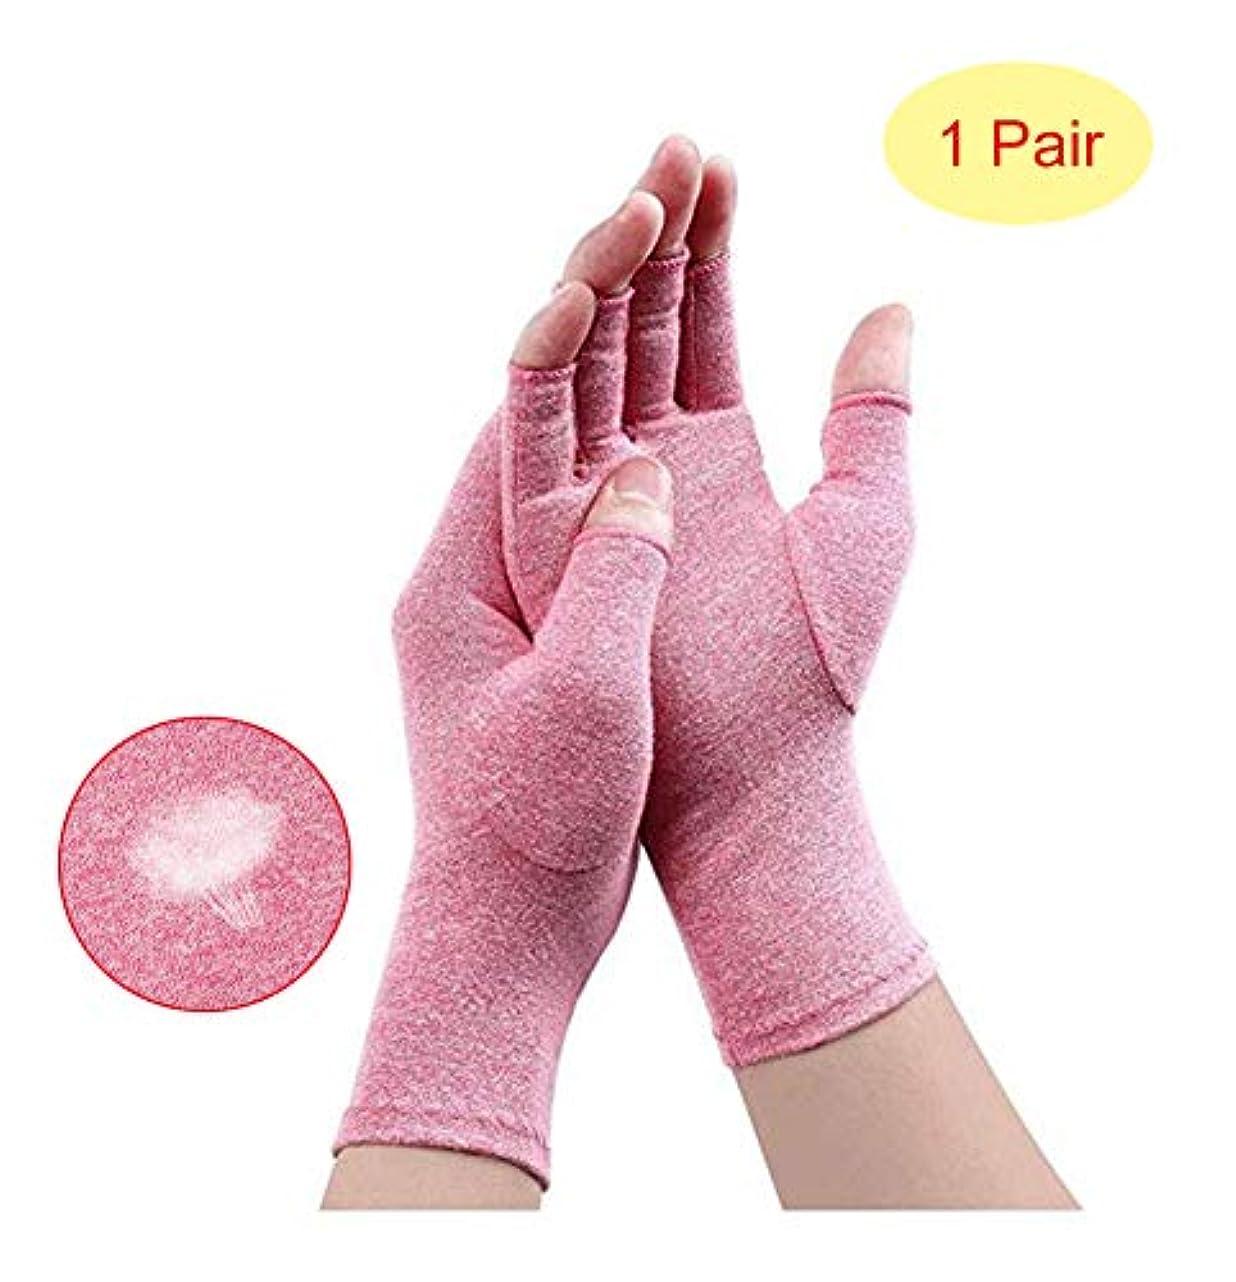 個人的な専門化する生きる関節炎手袋、ピンクの通気性、手と関節用の抗関節炎健康療法用圧縮手袋、痛みの軽減、毎日の仕事,1Pair,M